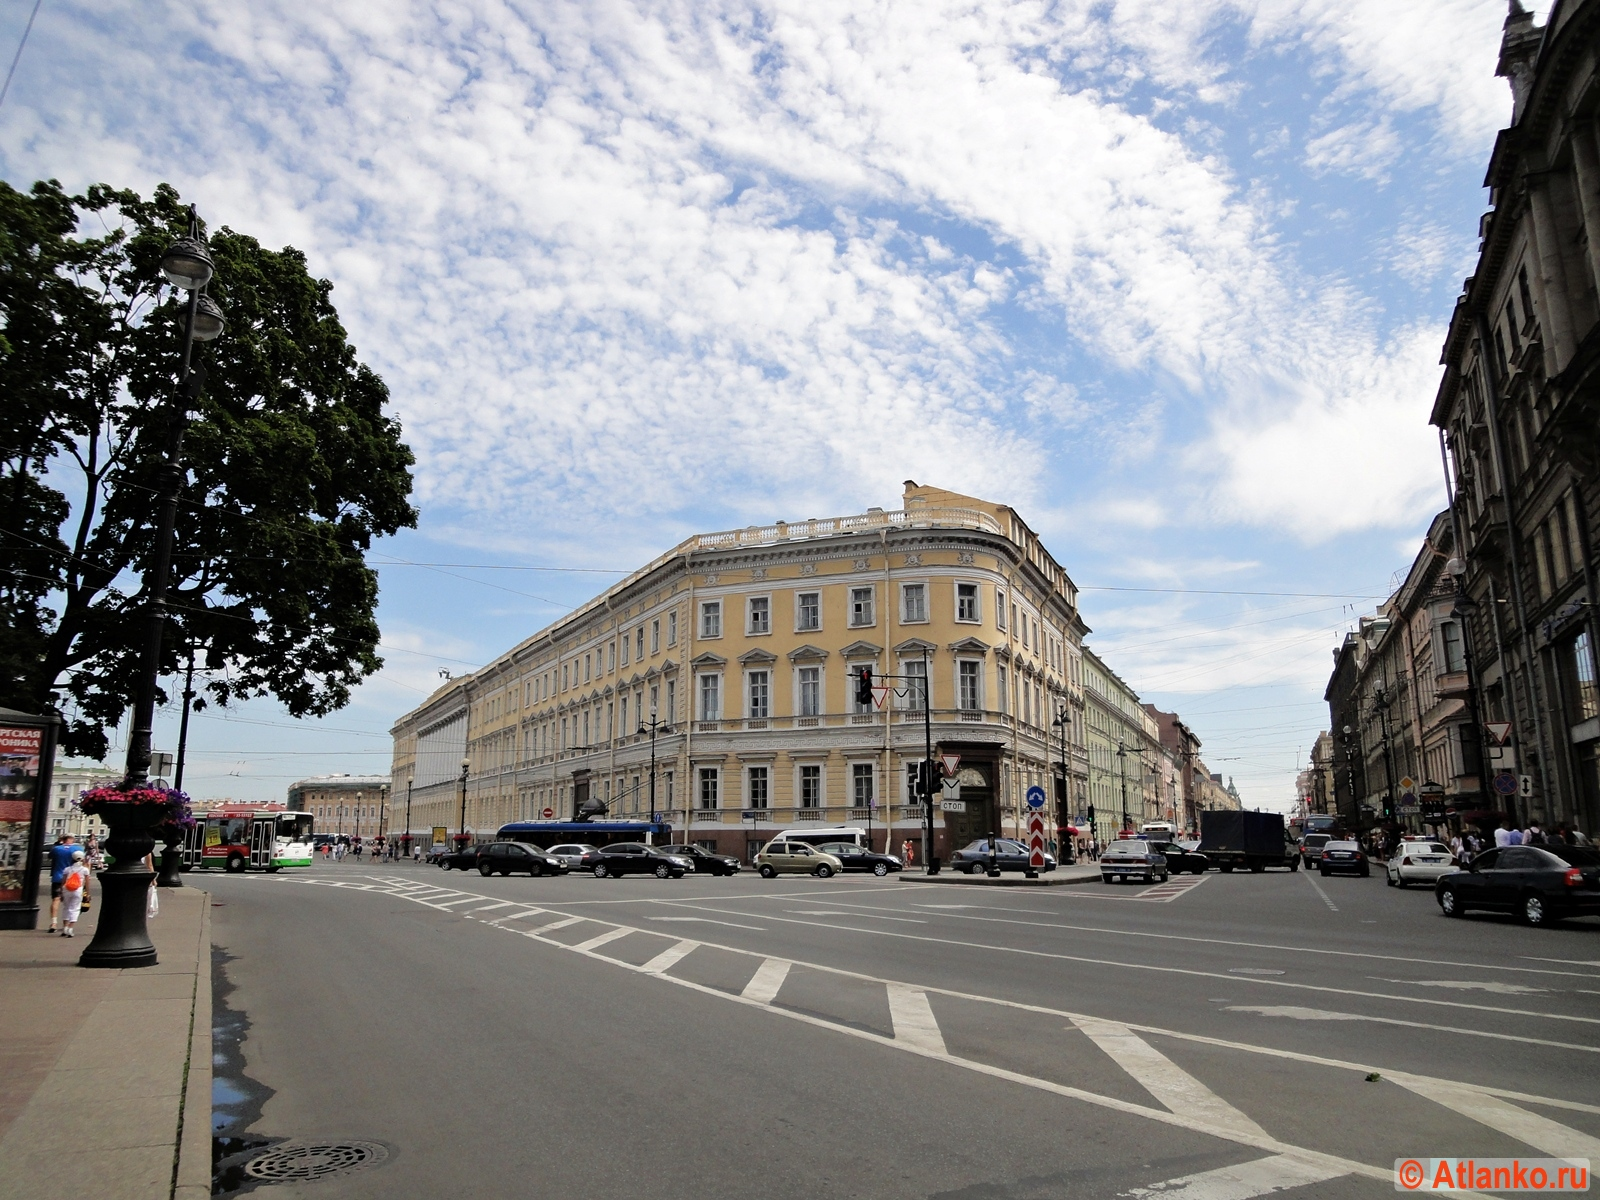 Невский проспект - главная улица Северной столицы России, начало улицы. Санкт-Петербург. Фотография